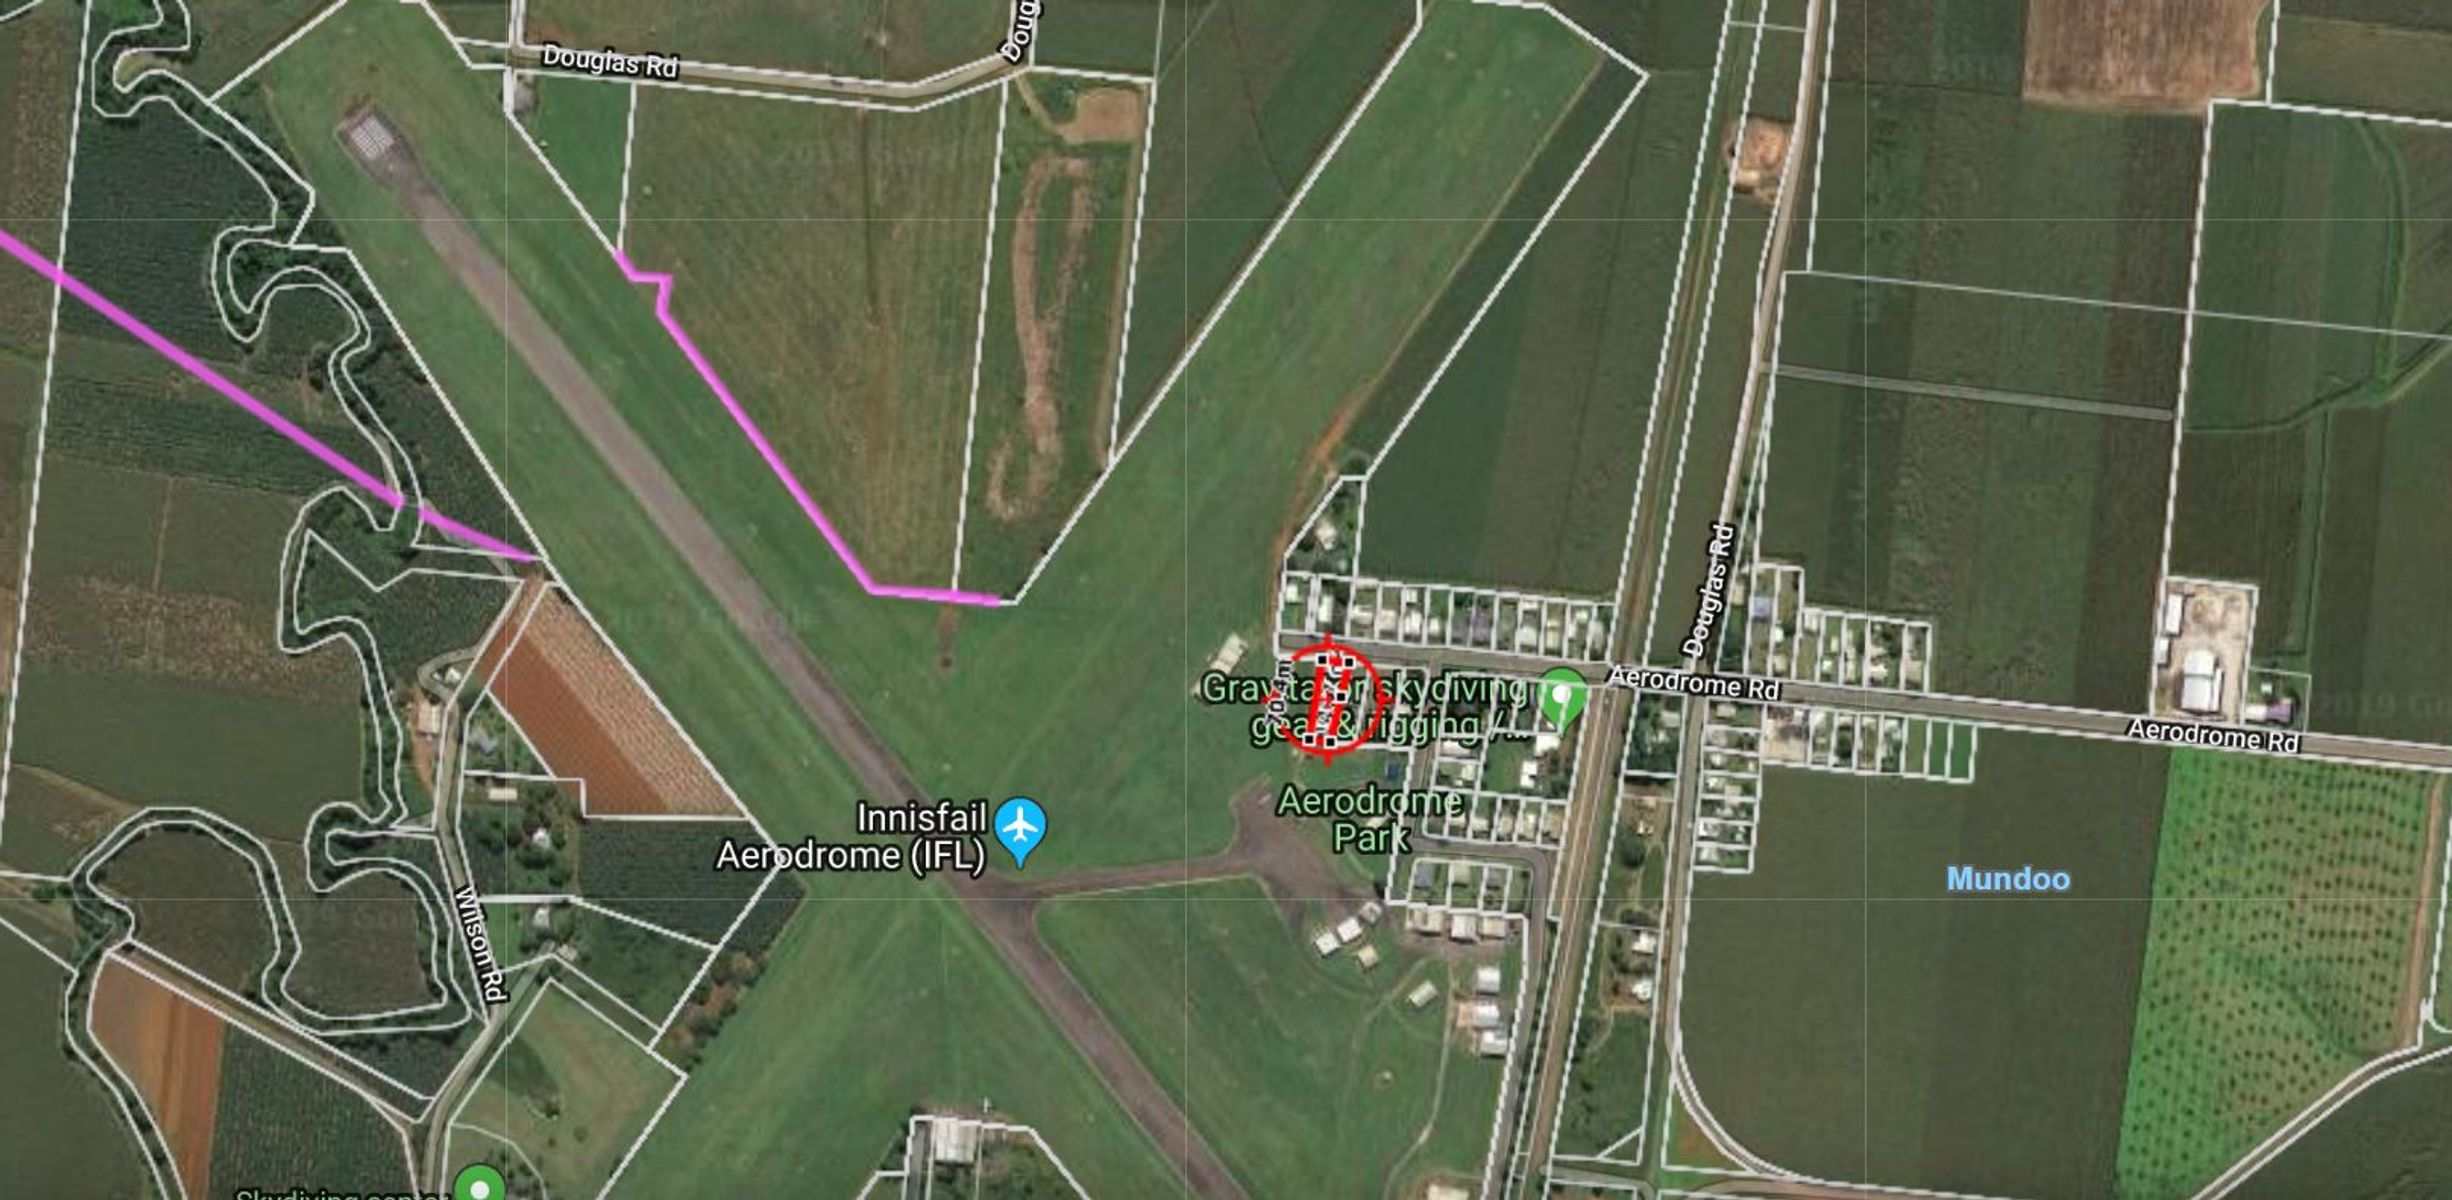 129 AERODROME ROAD, Innisfail, QLD 4860